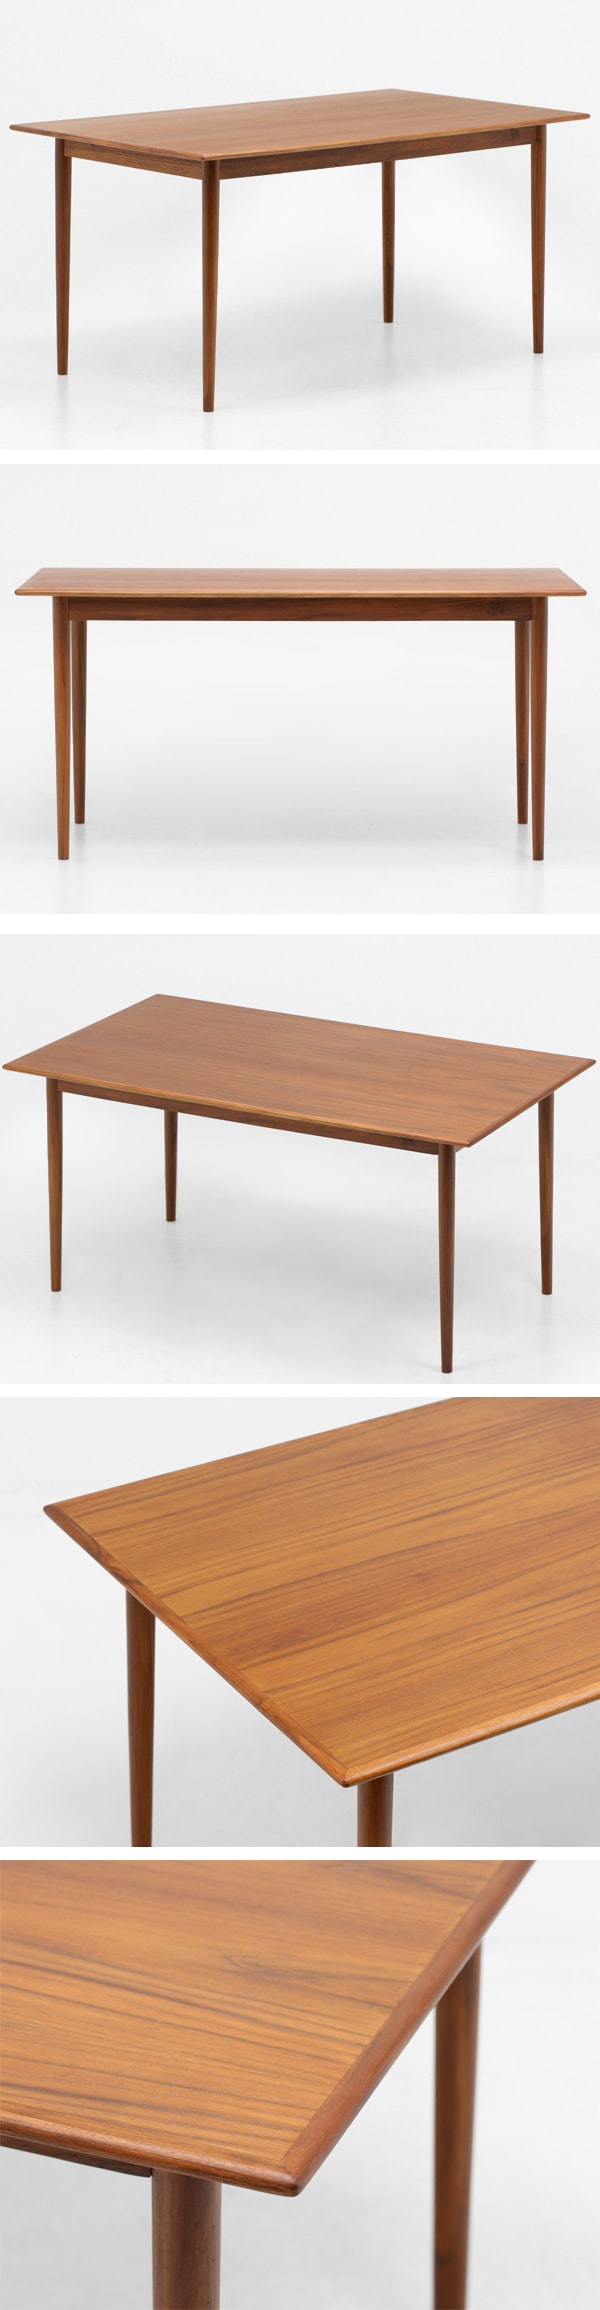 北欧,家具,ダイニングテーブル,大きめ,机,デスク